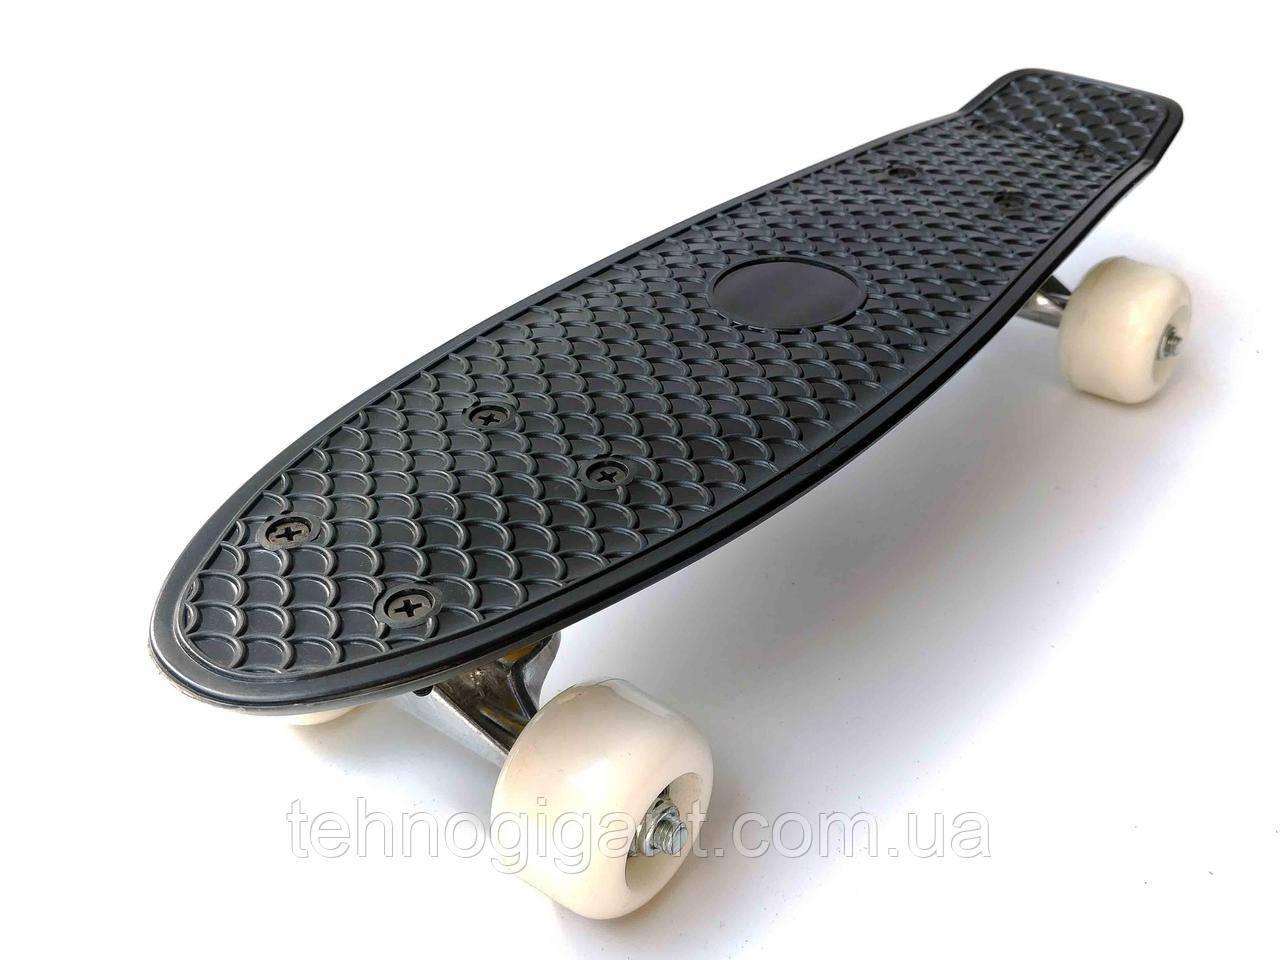 Скейт Penny Board mini, Пенни борд мини, для самых маленьких, от 2 лет, Цвет Черный